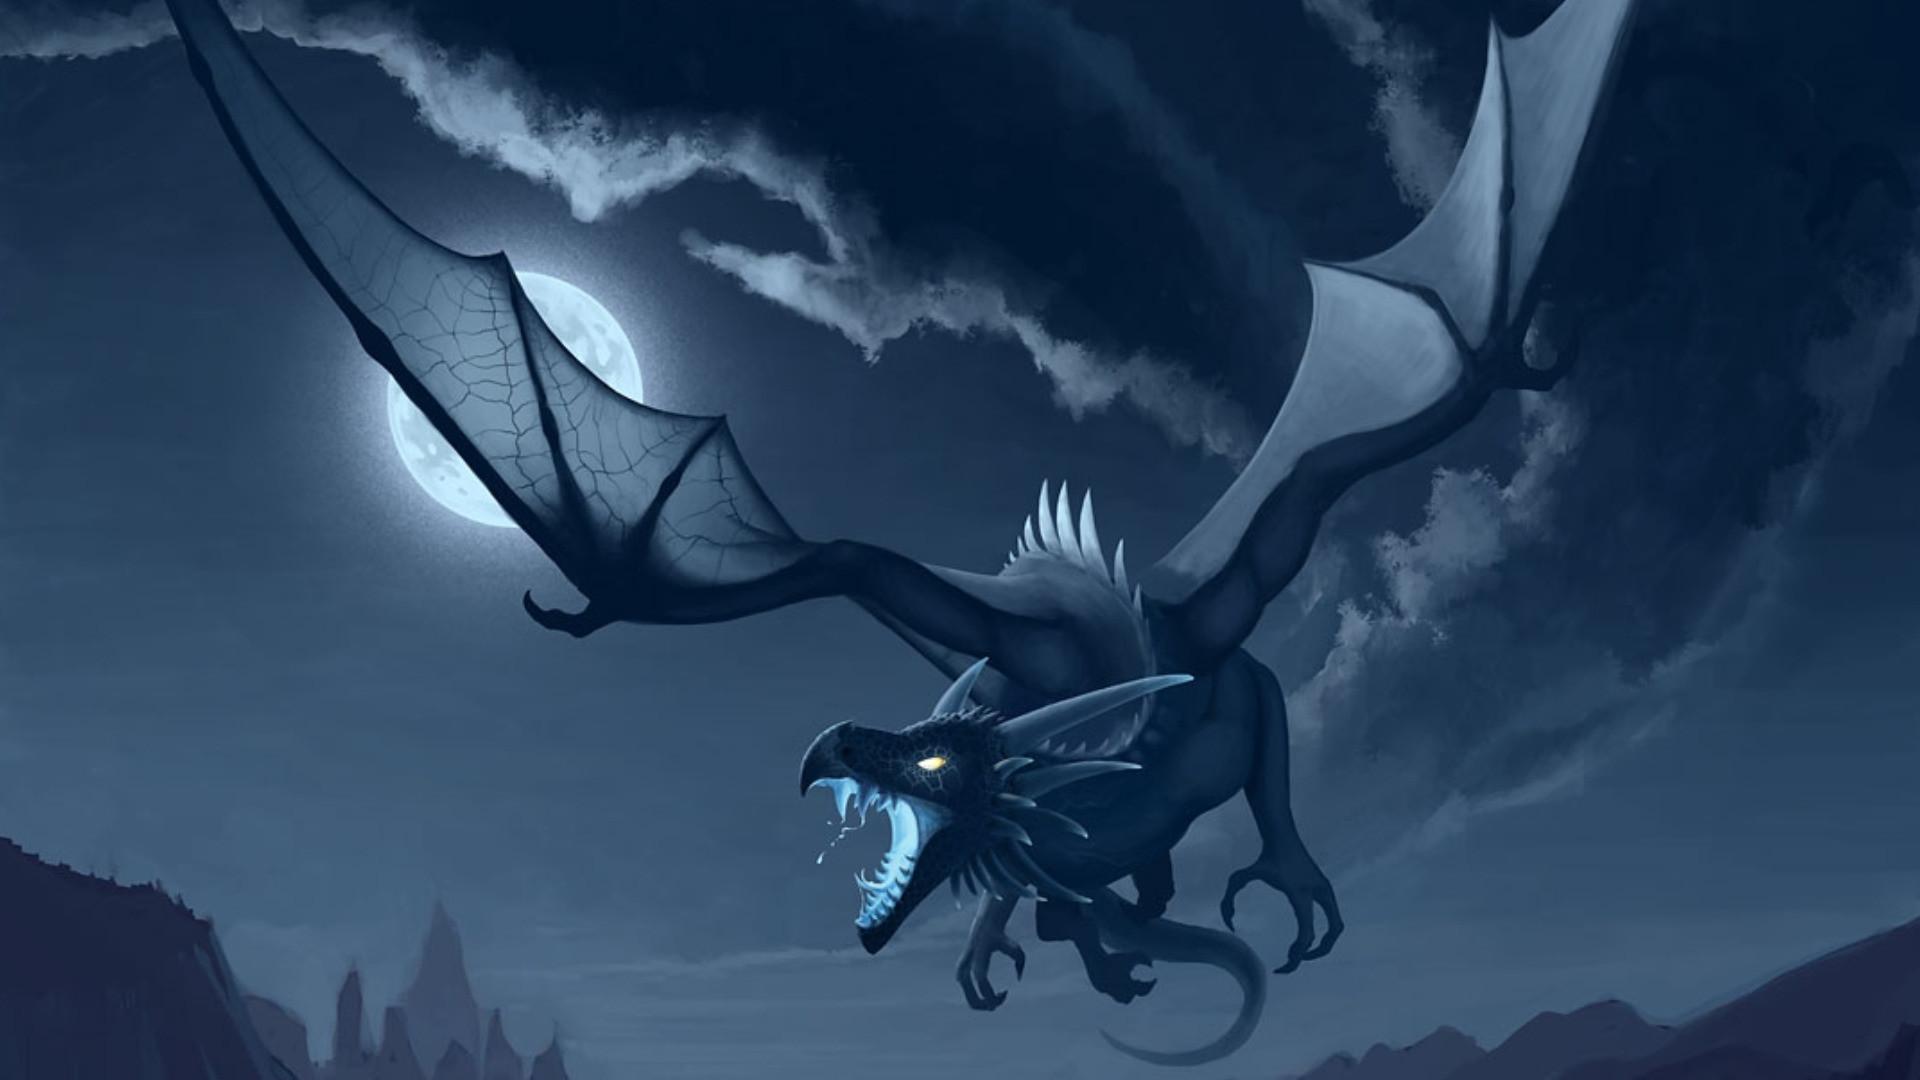 Res: 1920x1080, Dragon Wallpaper 41602